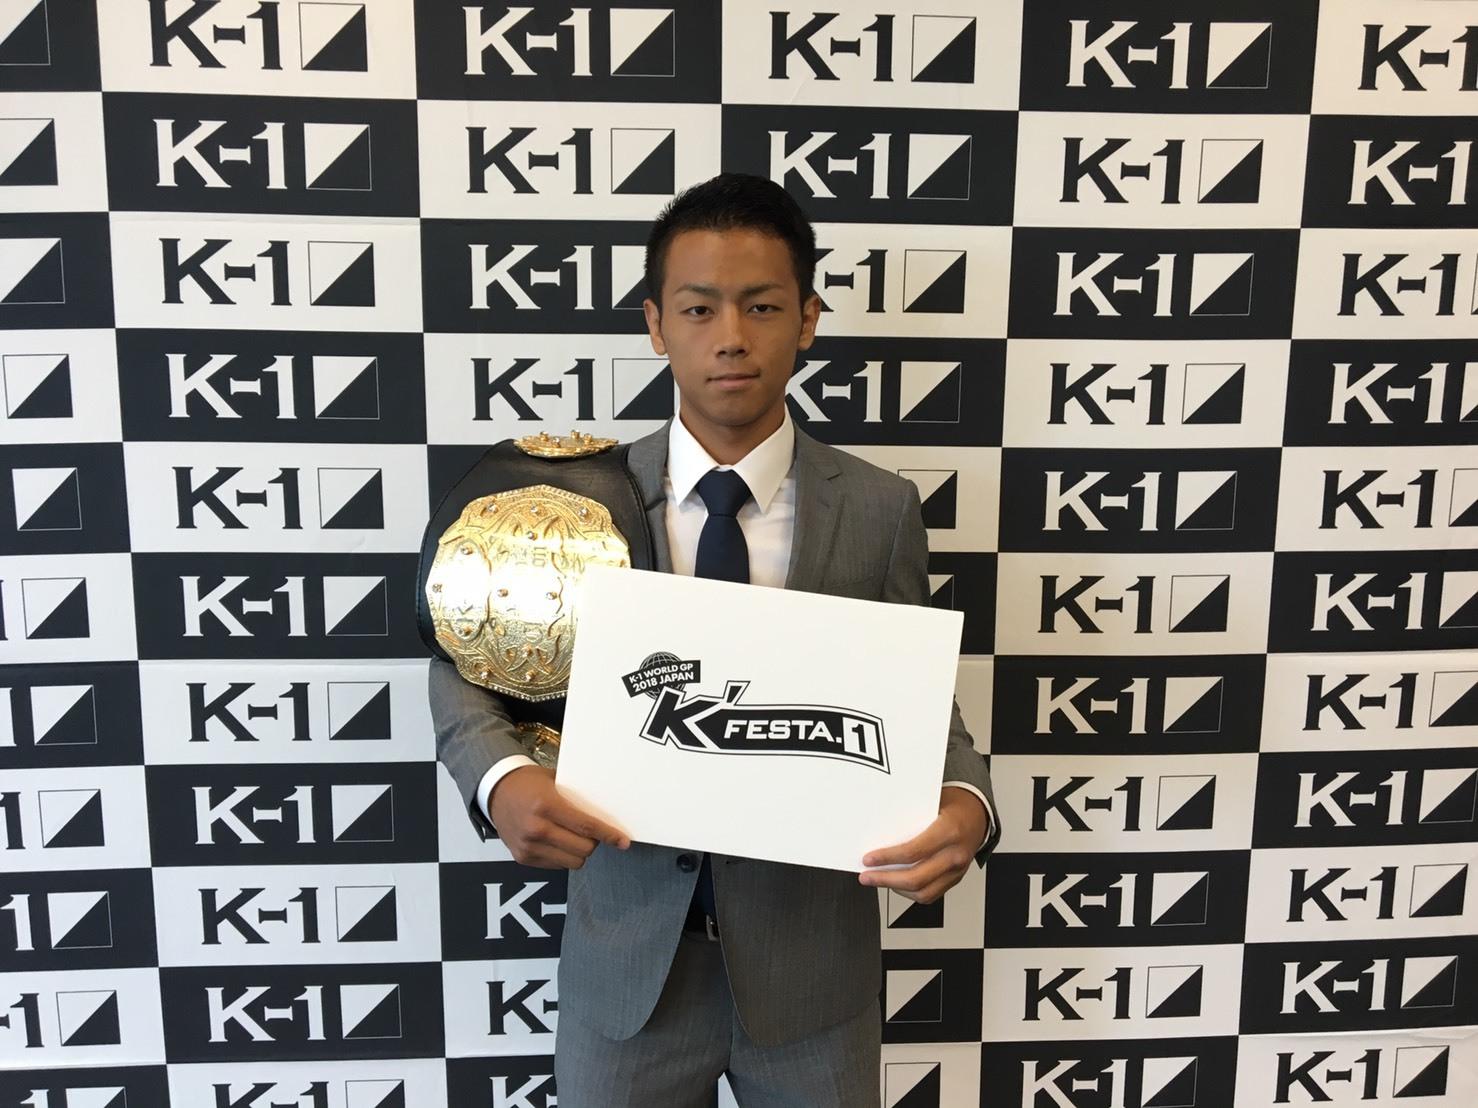 武居由樹 (C)M-1 Sports Media